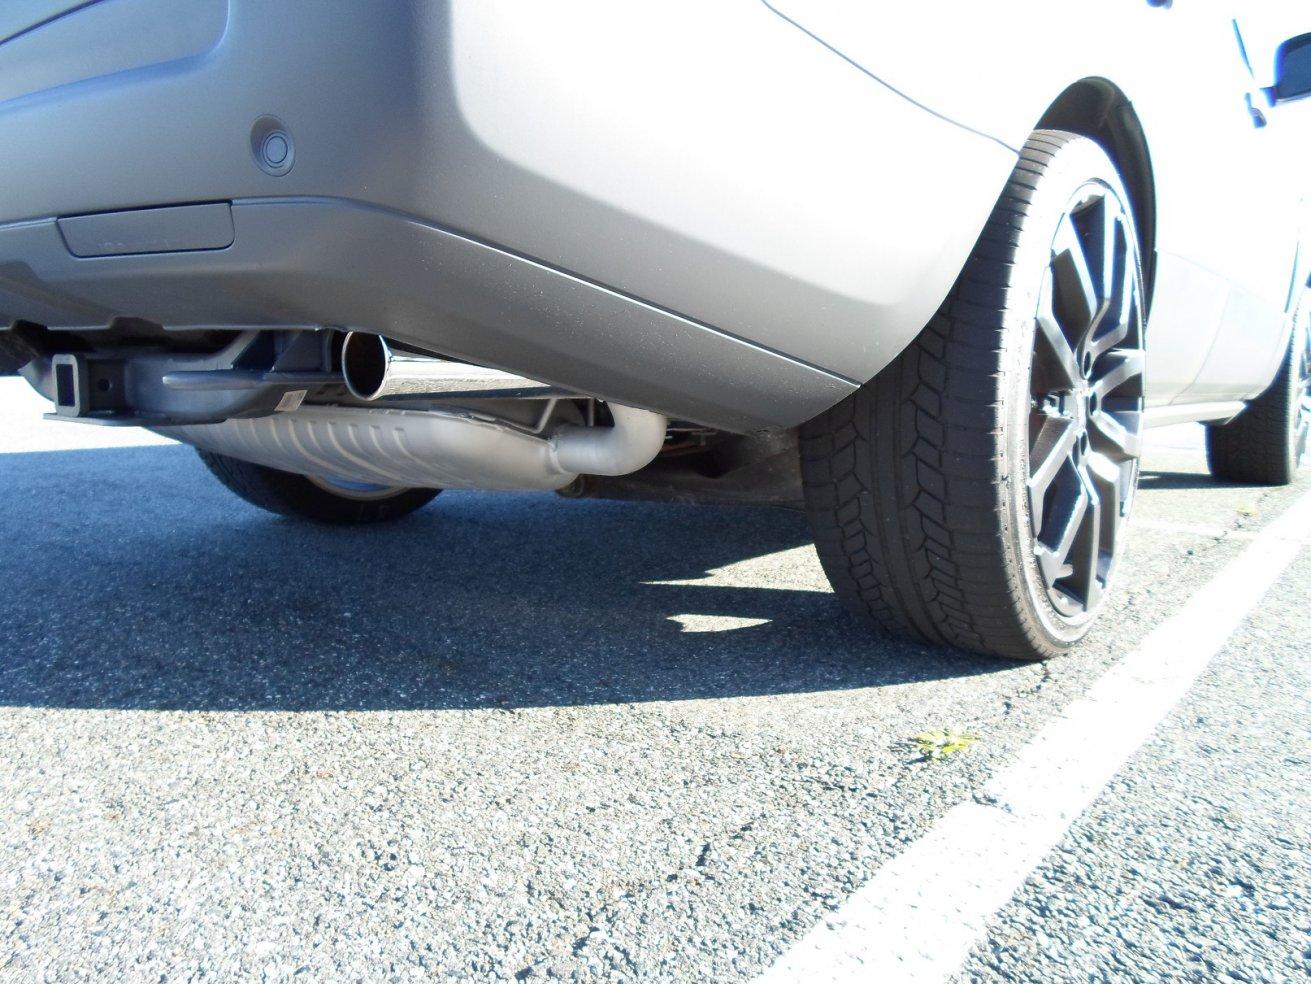 2004 Range Rover Exhaust Tip Upgrade-image049.jpg